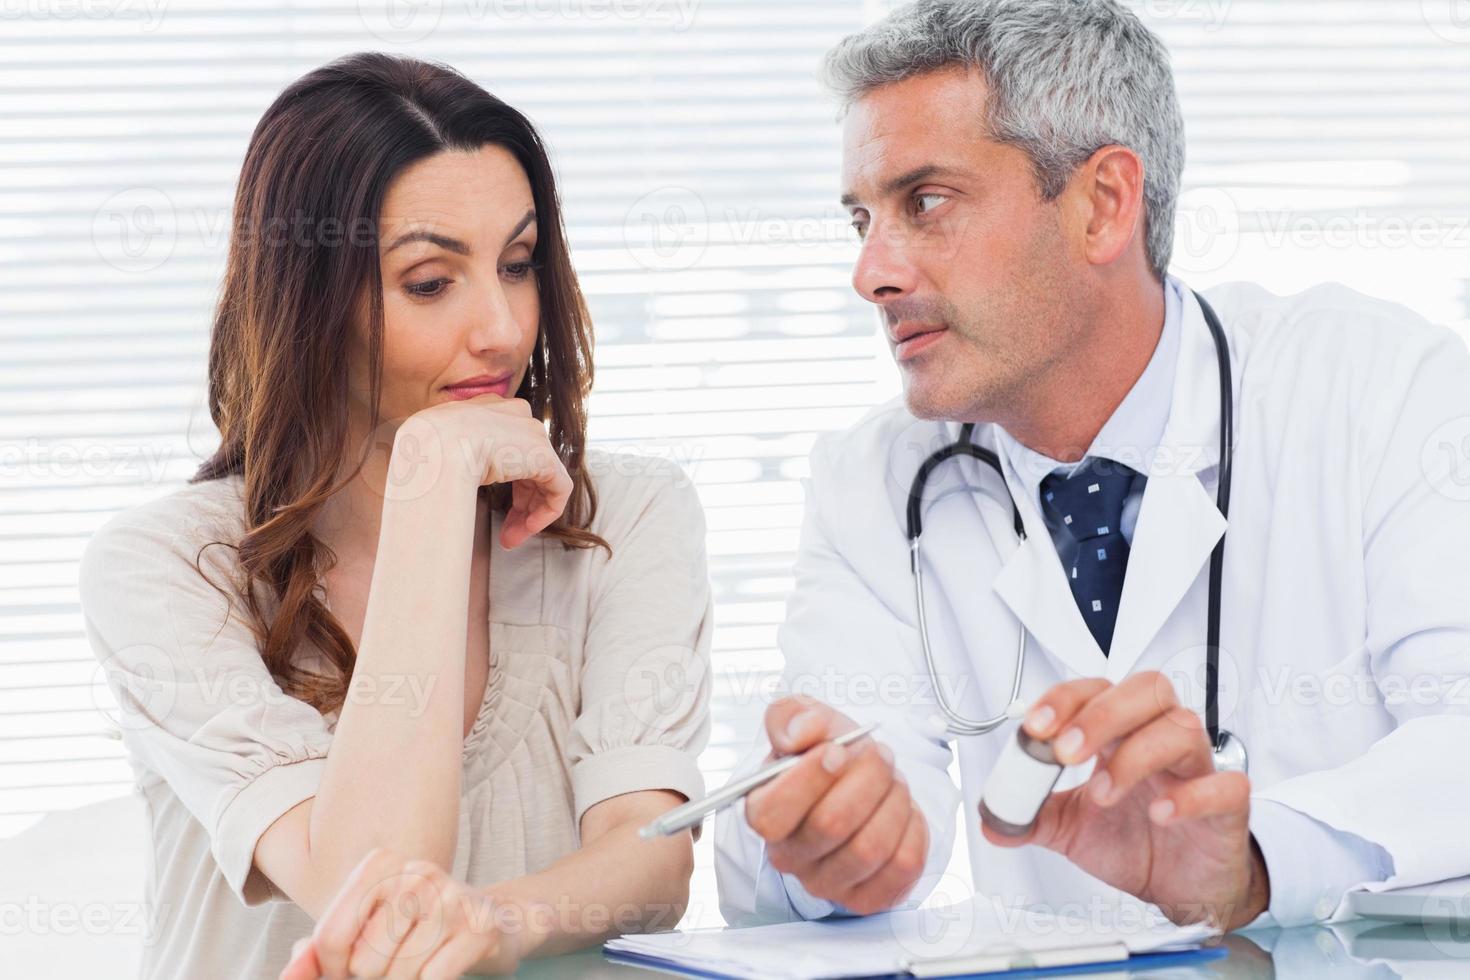 médico sério, ouvindo seu paciente foto